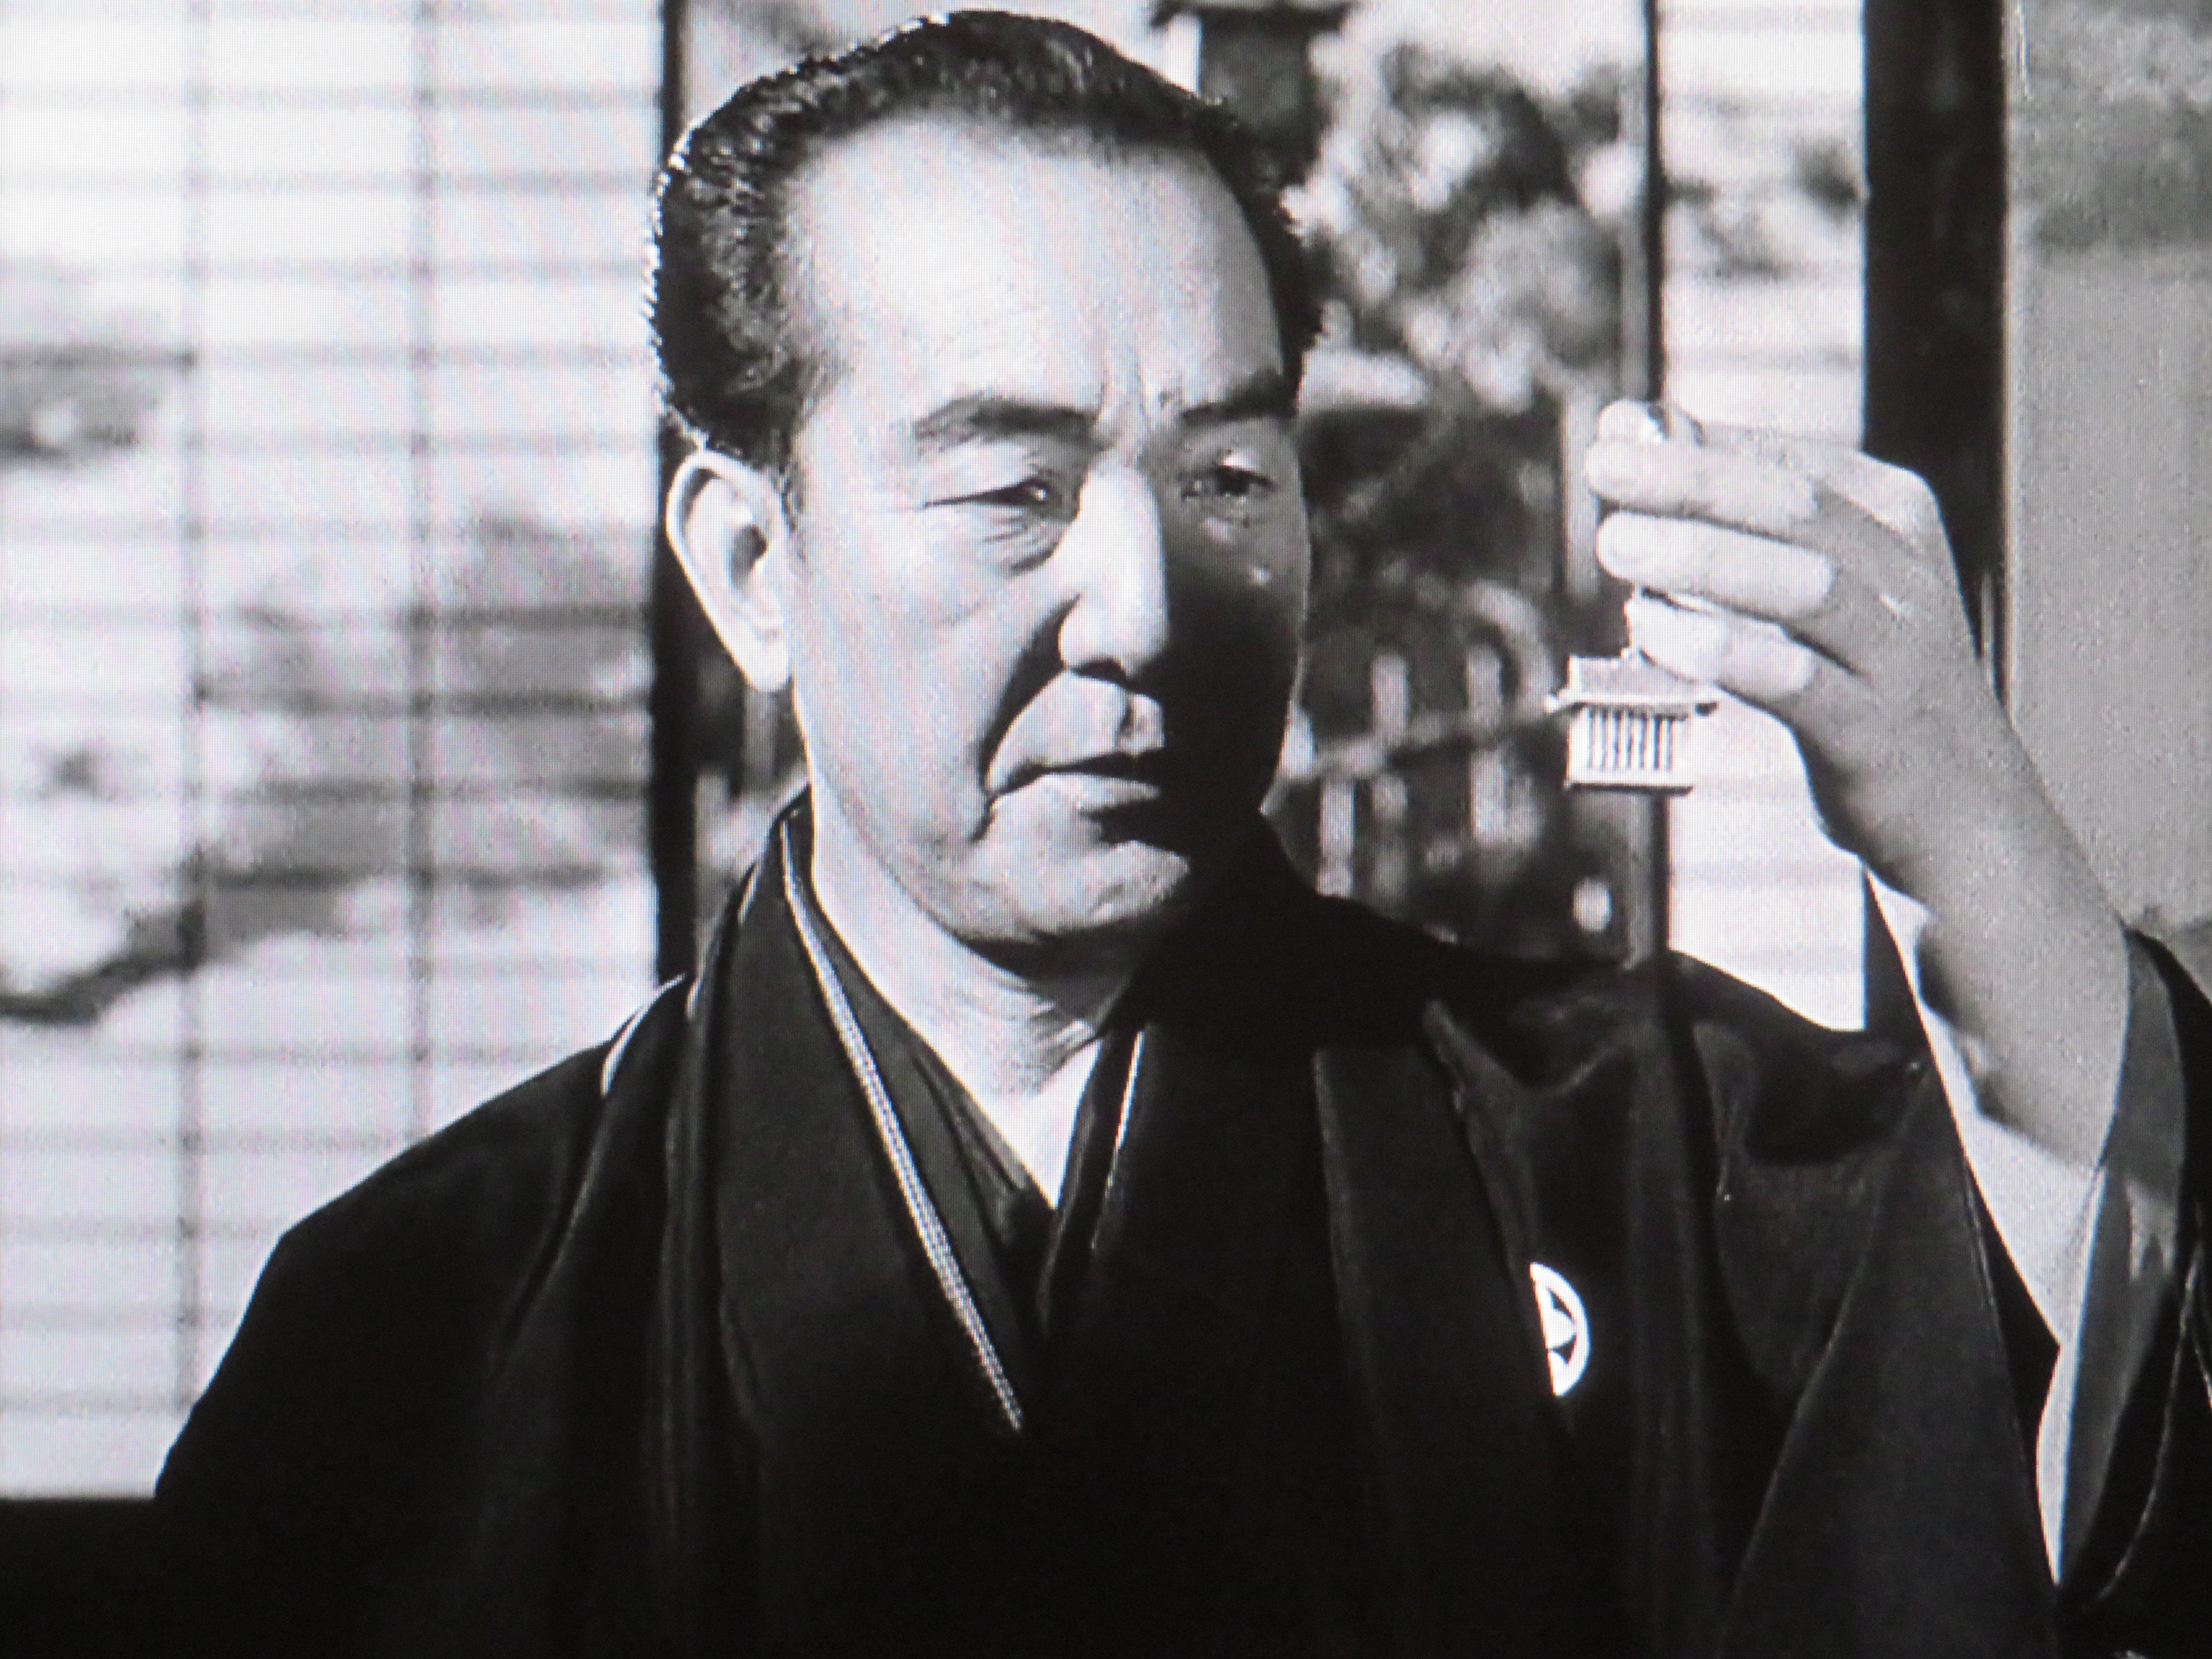 Sessue Hayakawa in Tokyo Joe (1949)